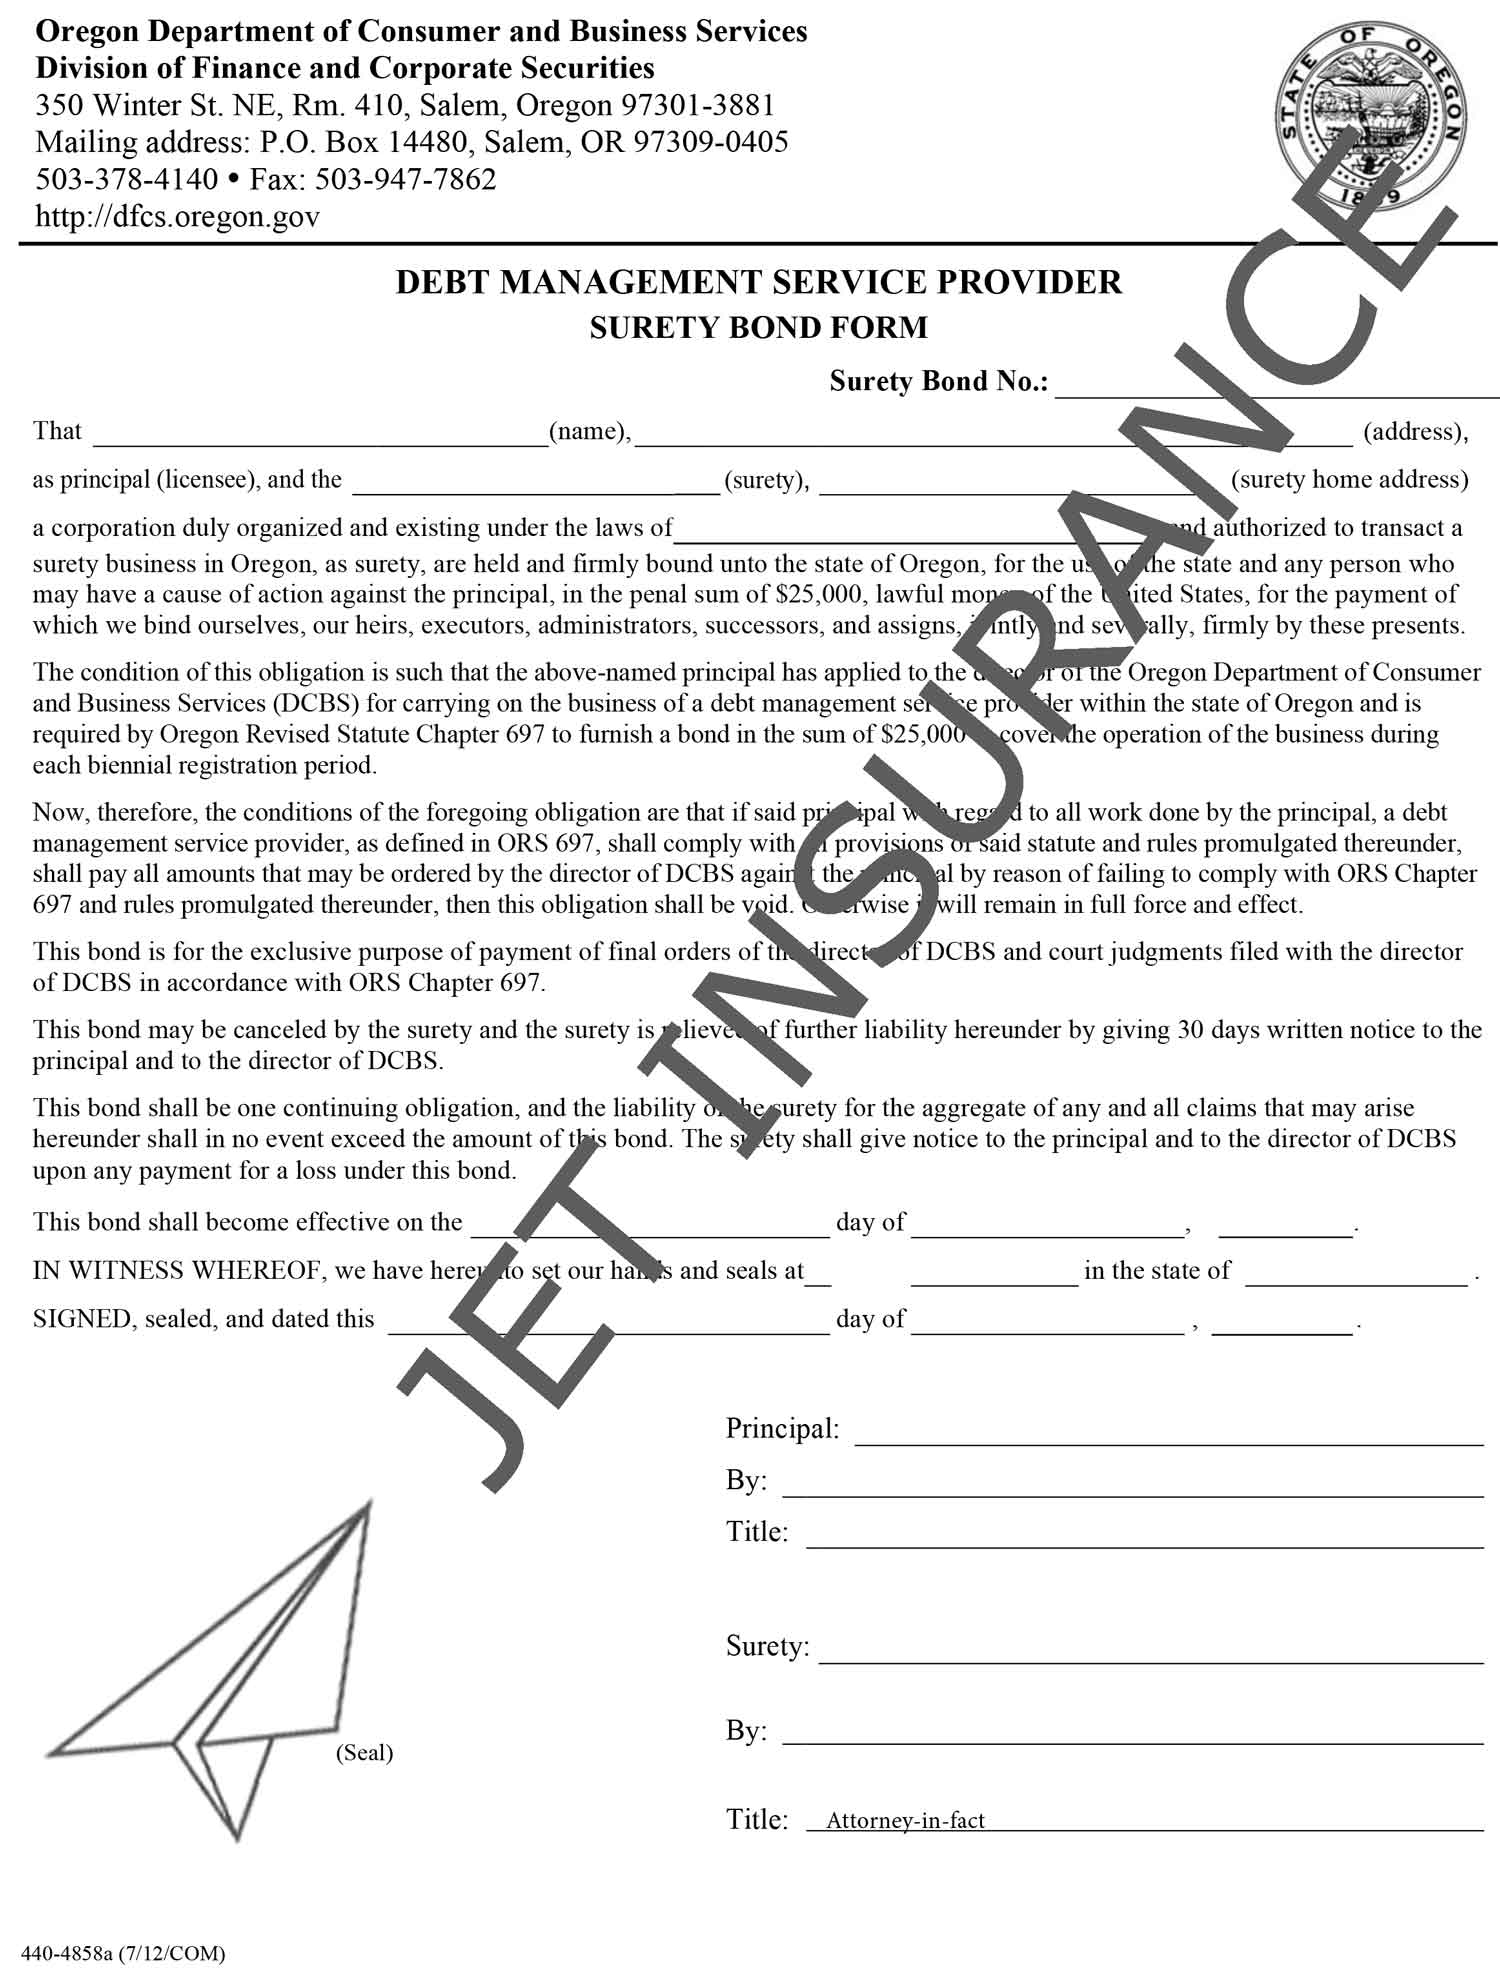 Oregon Debt Management Service Provider Bond Form